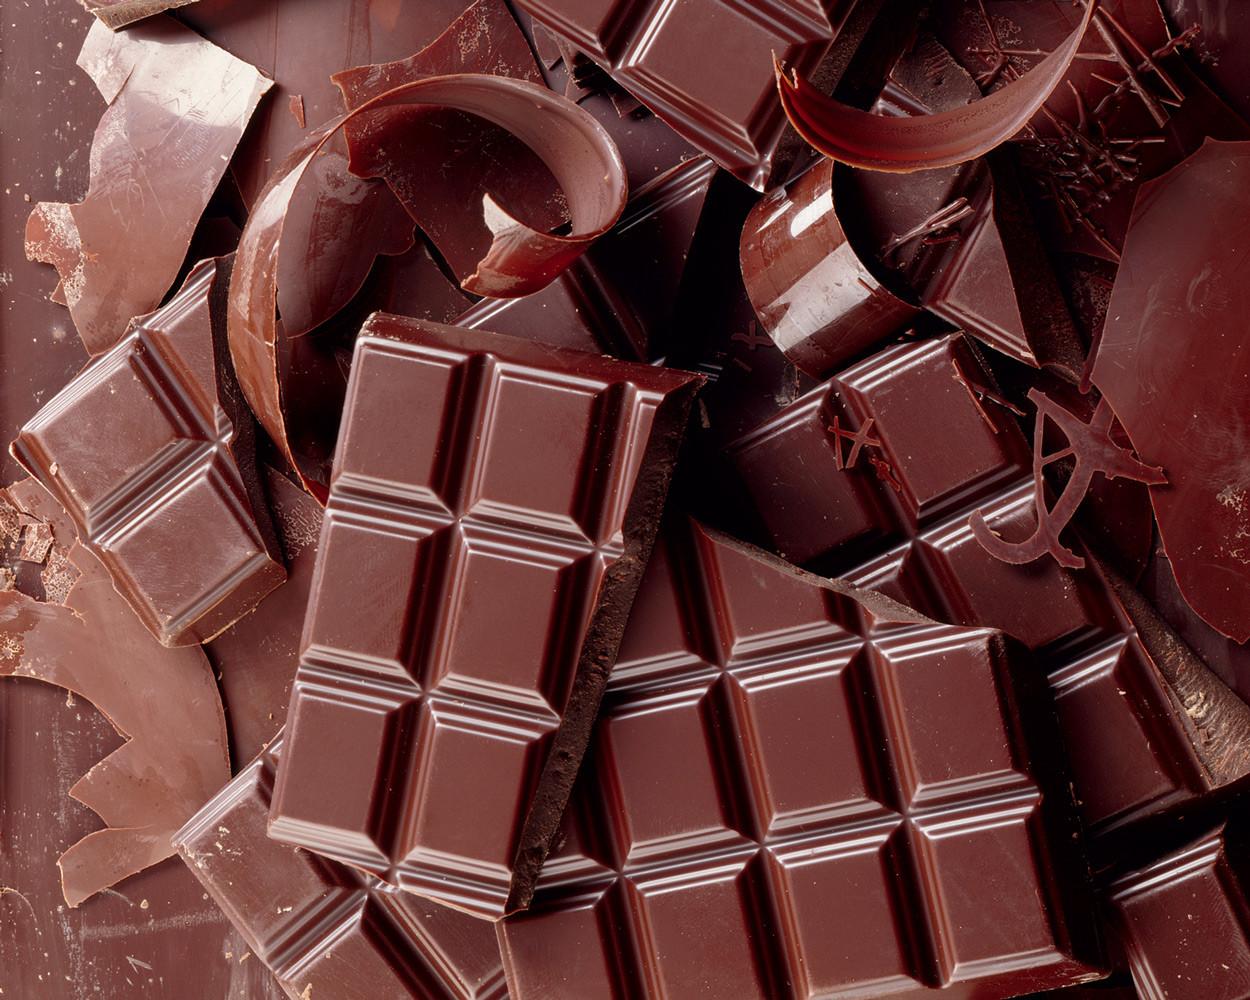 Тестируем молочный шоколад: какой самый качественный